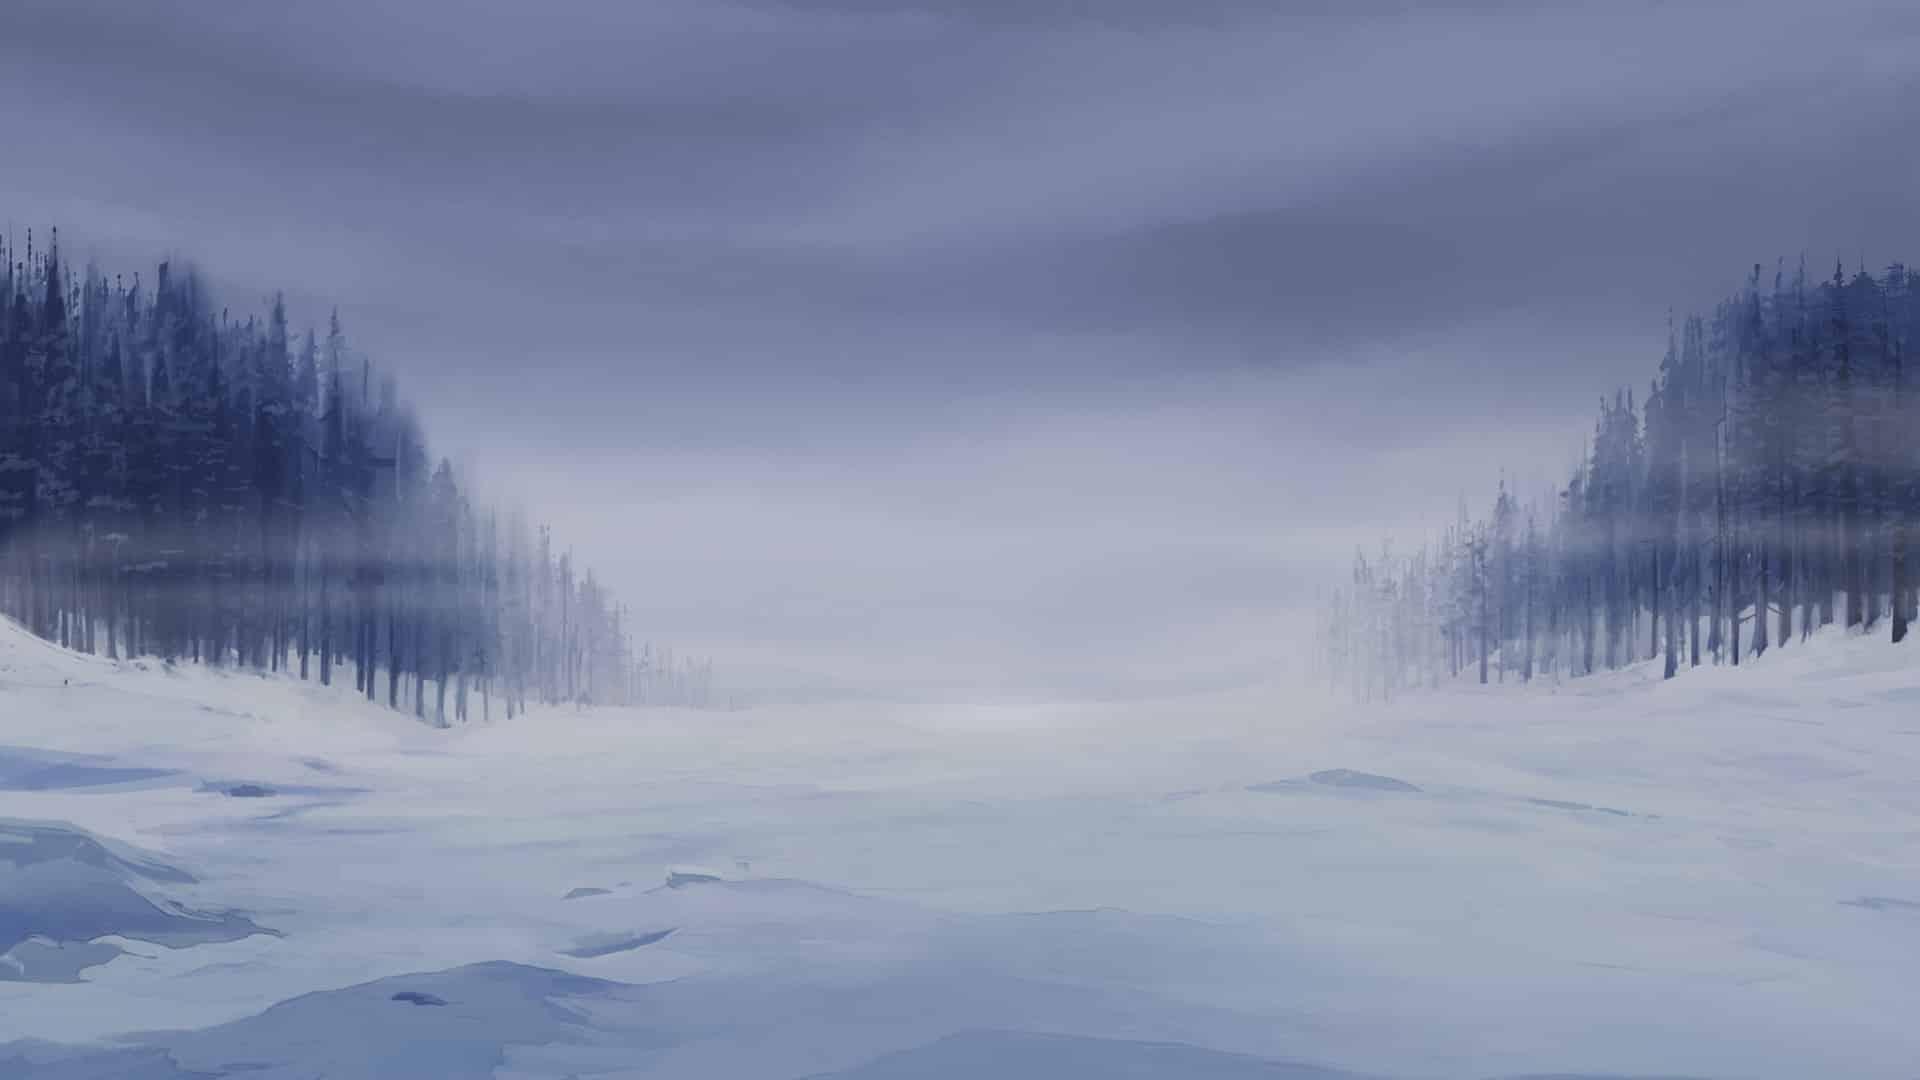 Cortometraje de animación 2d